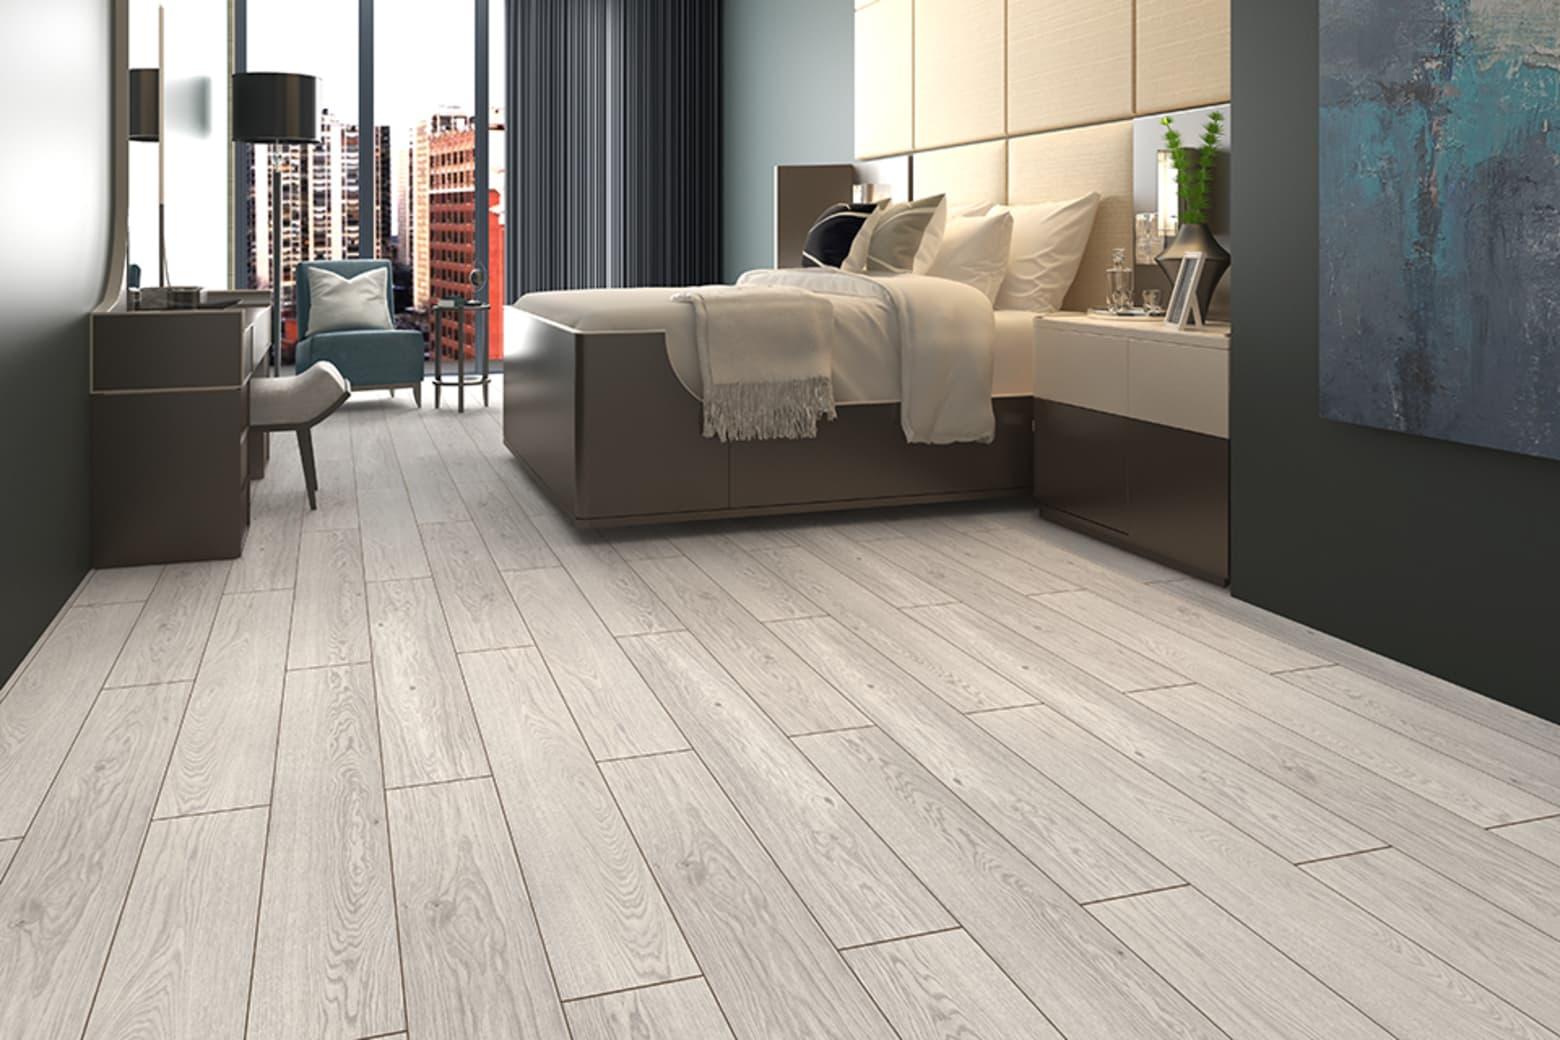 Siegfried White Grey Oak Laminate Flooring 8mm By 193mm By 1380mm